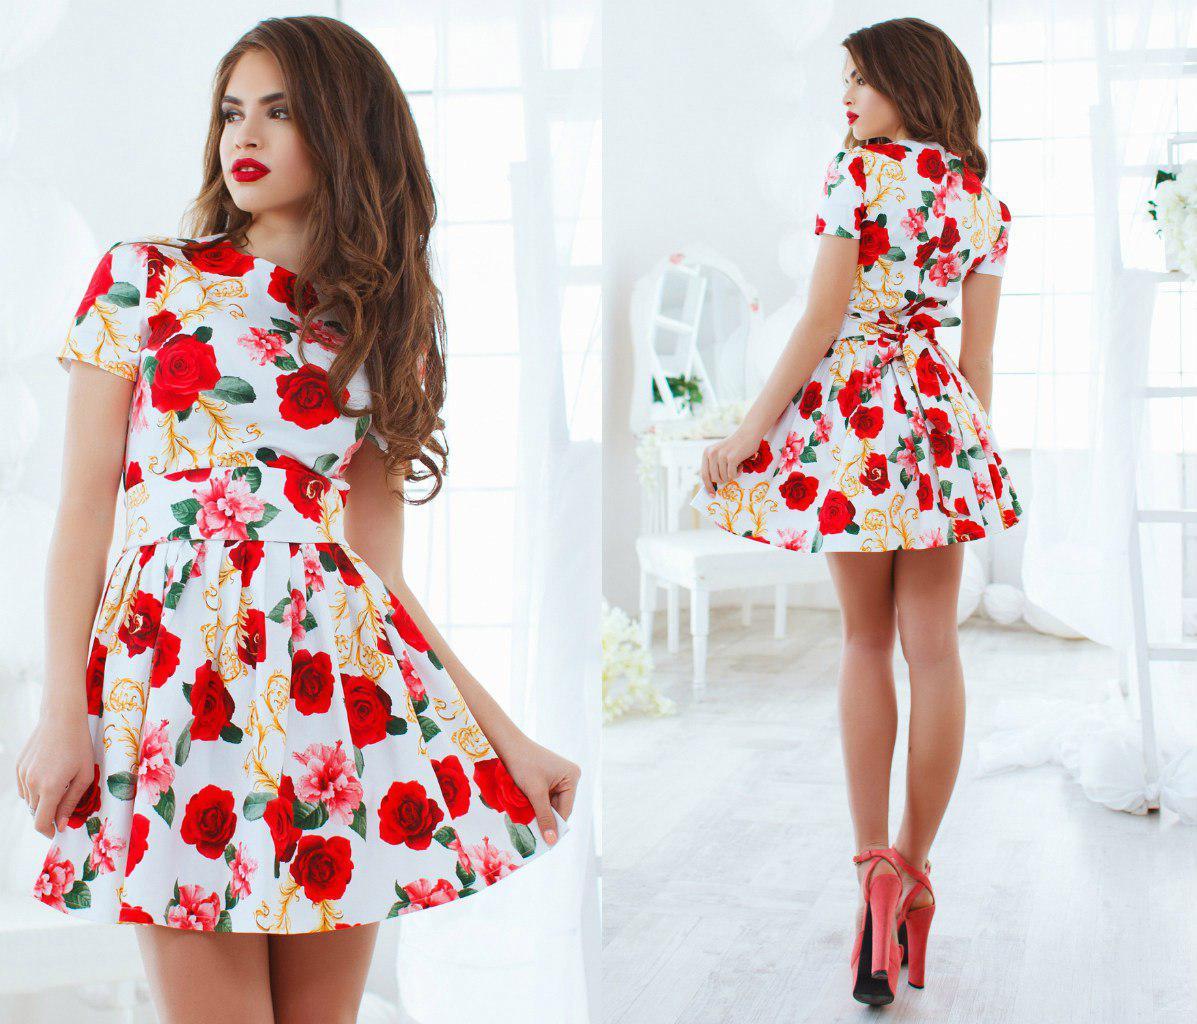 Платье летнее, коттоновое, мини, с пышной юбкой, десять цветов, размеры 42,44,46 код 1049Т